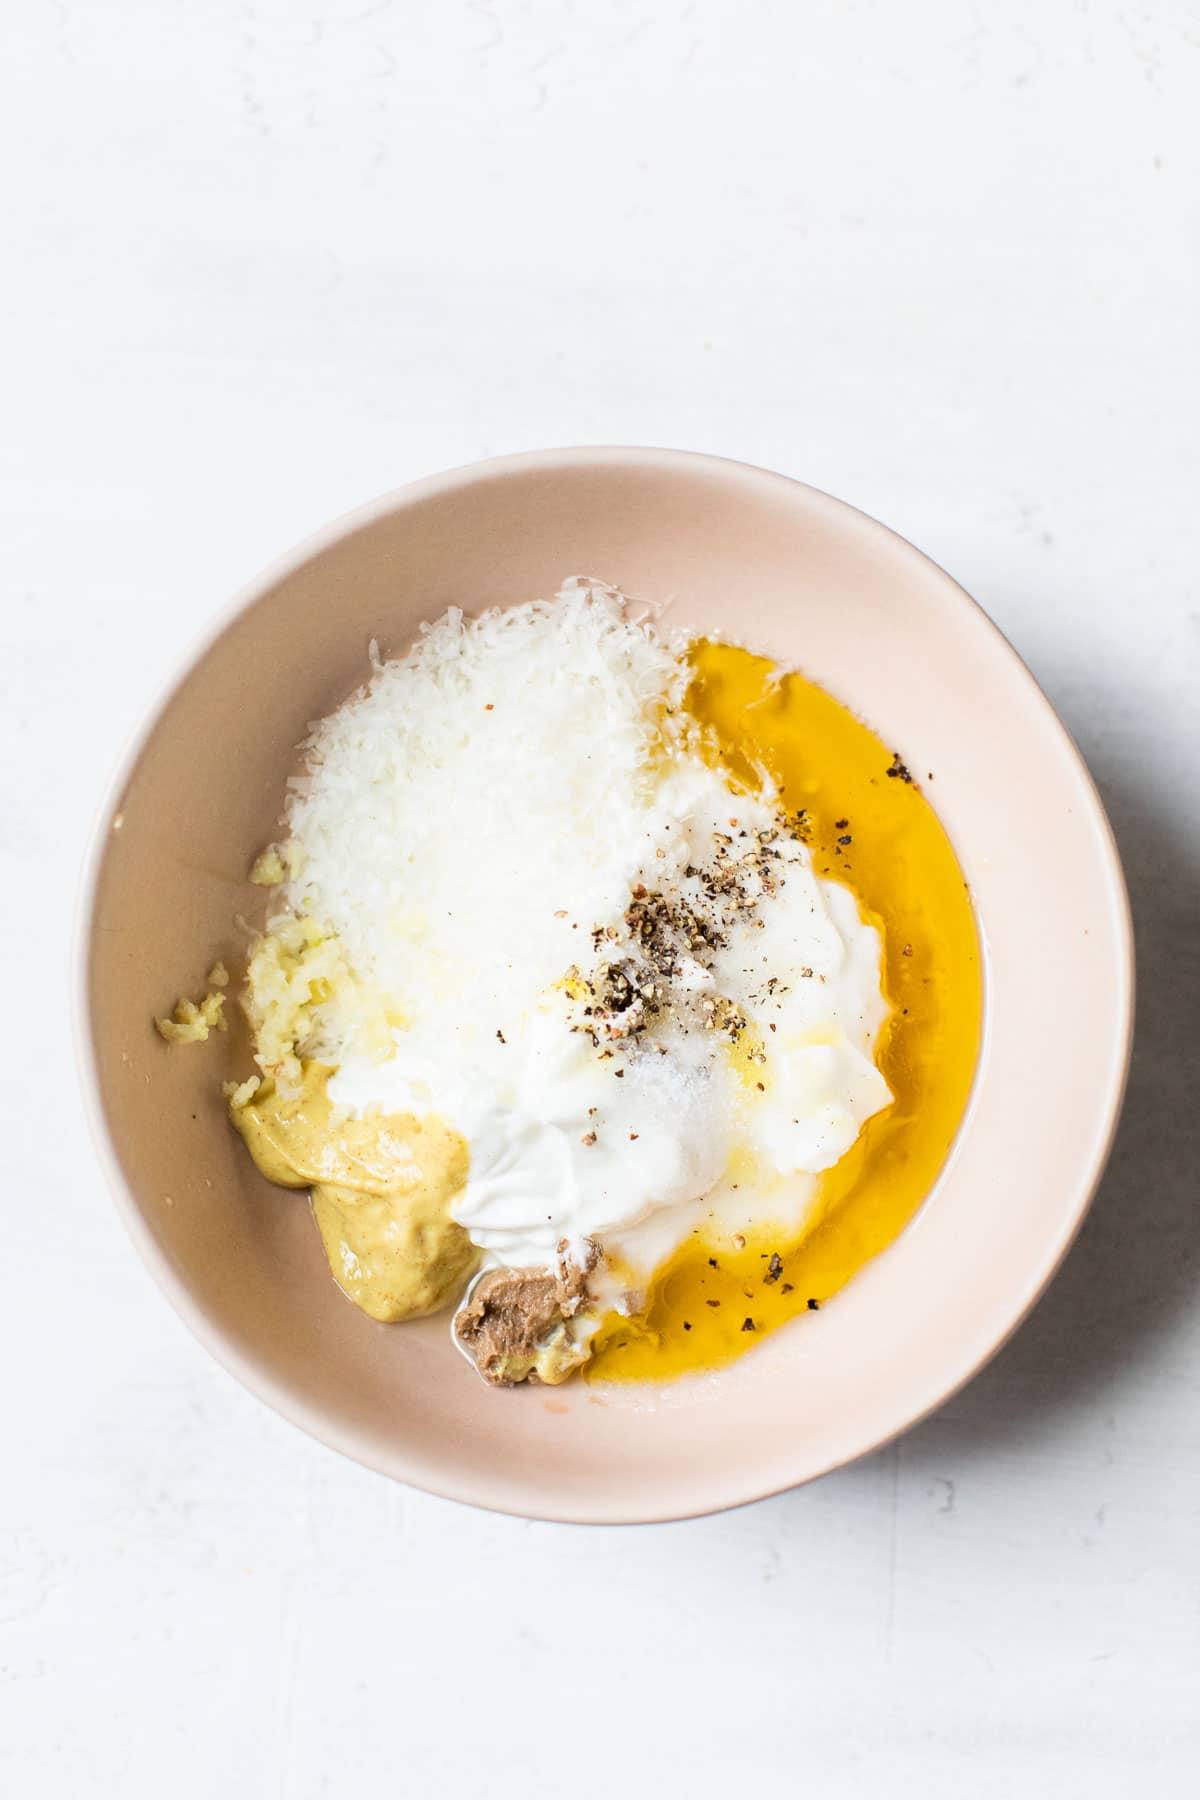 caesar salad ingredients in a bowl